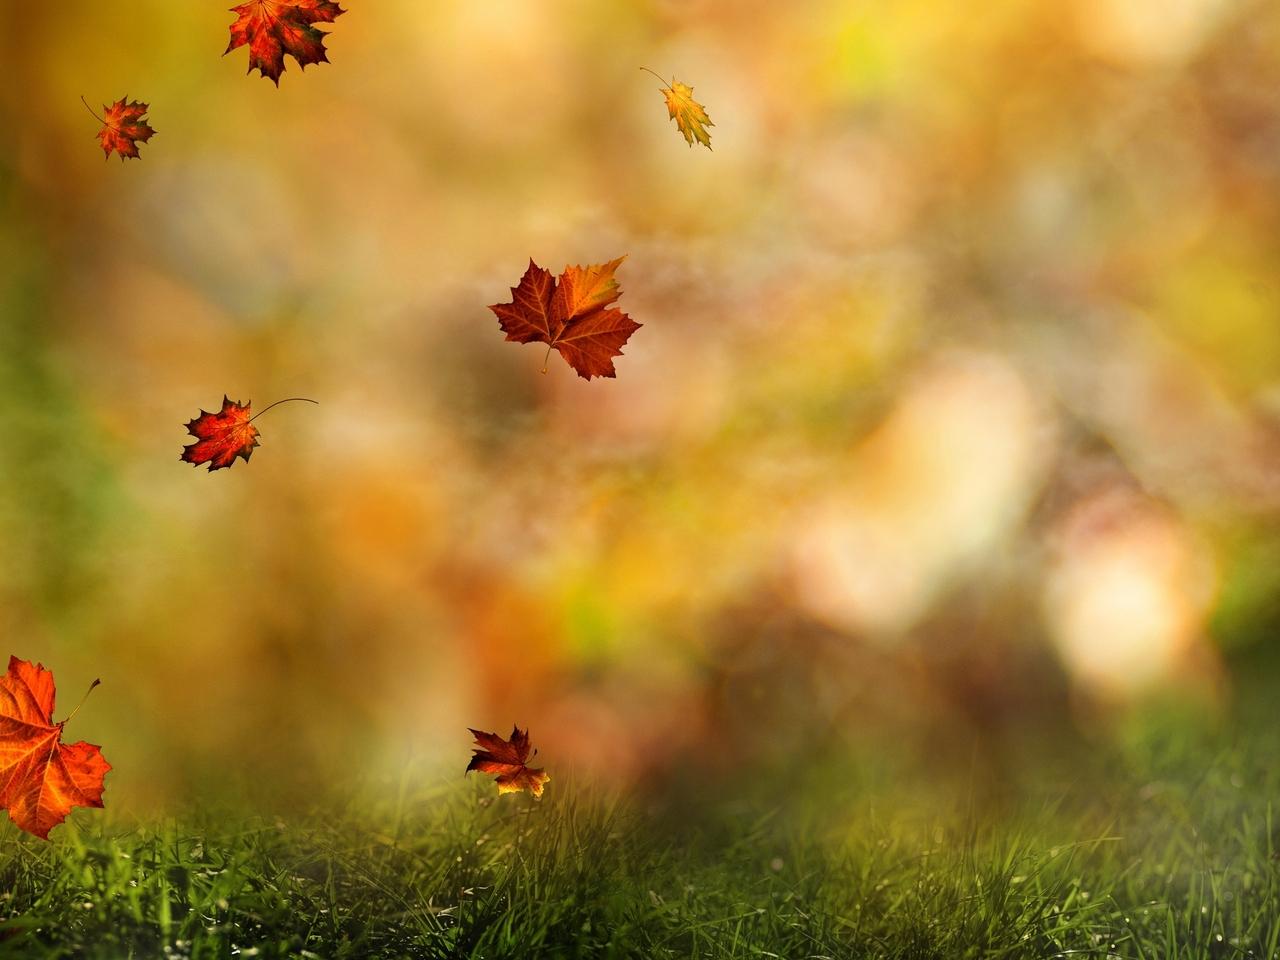 24498 скачать обои Растения, Пейзаж, Трава, Осень, Листья - заставки и картинки бесплатно